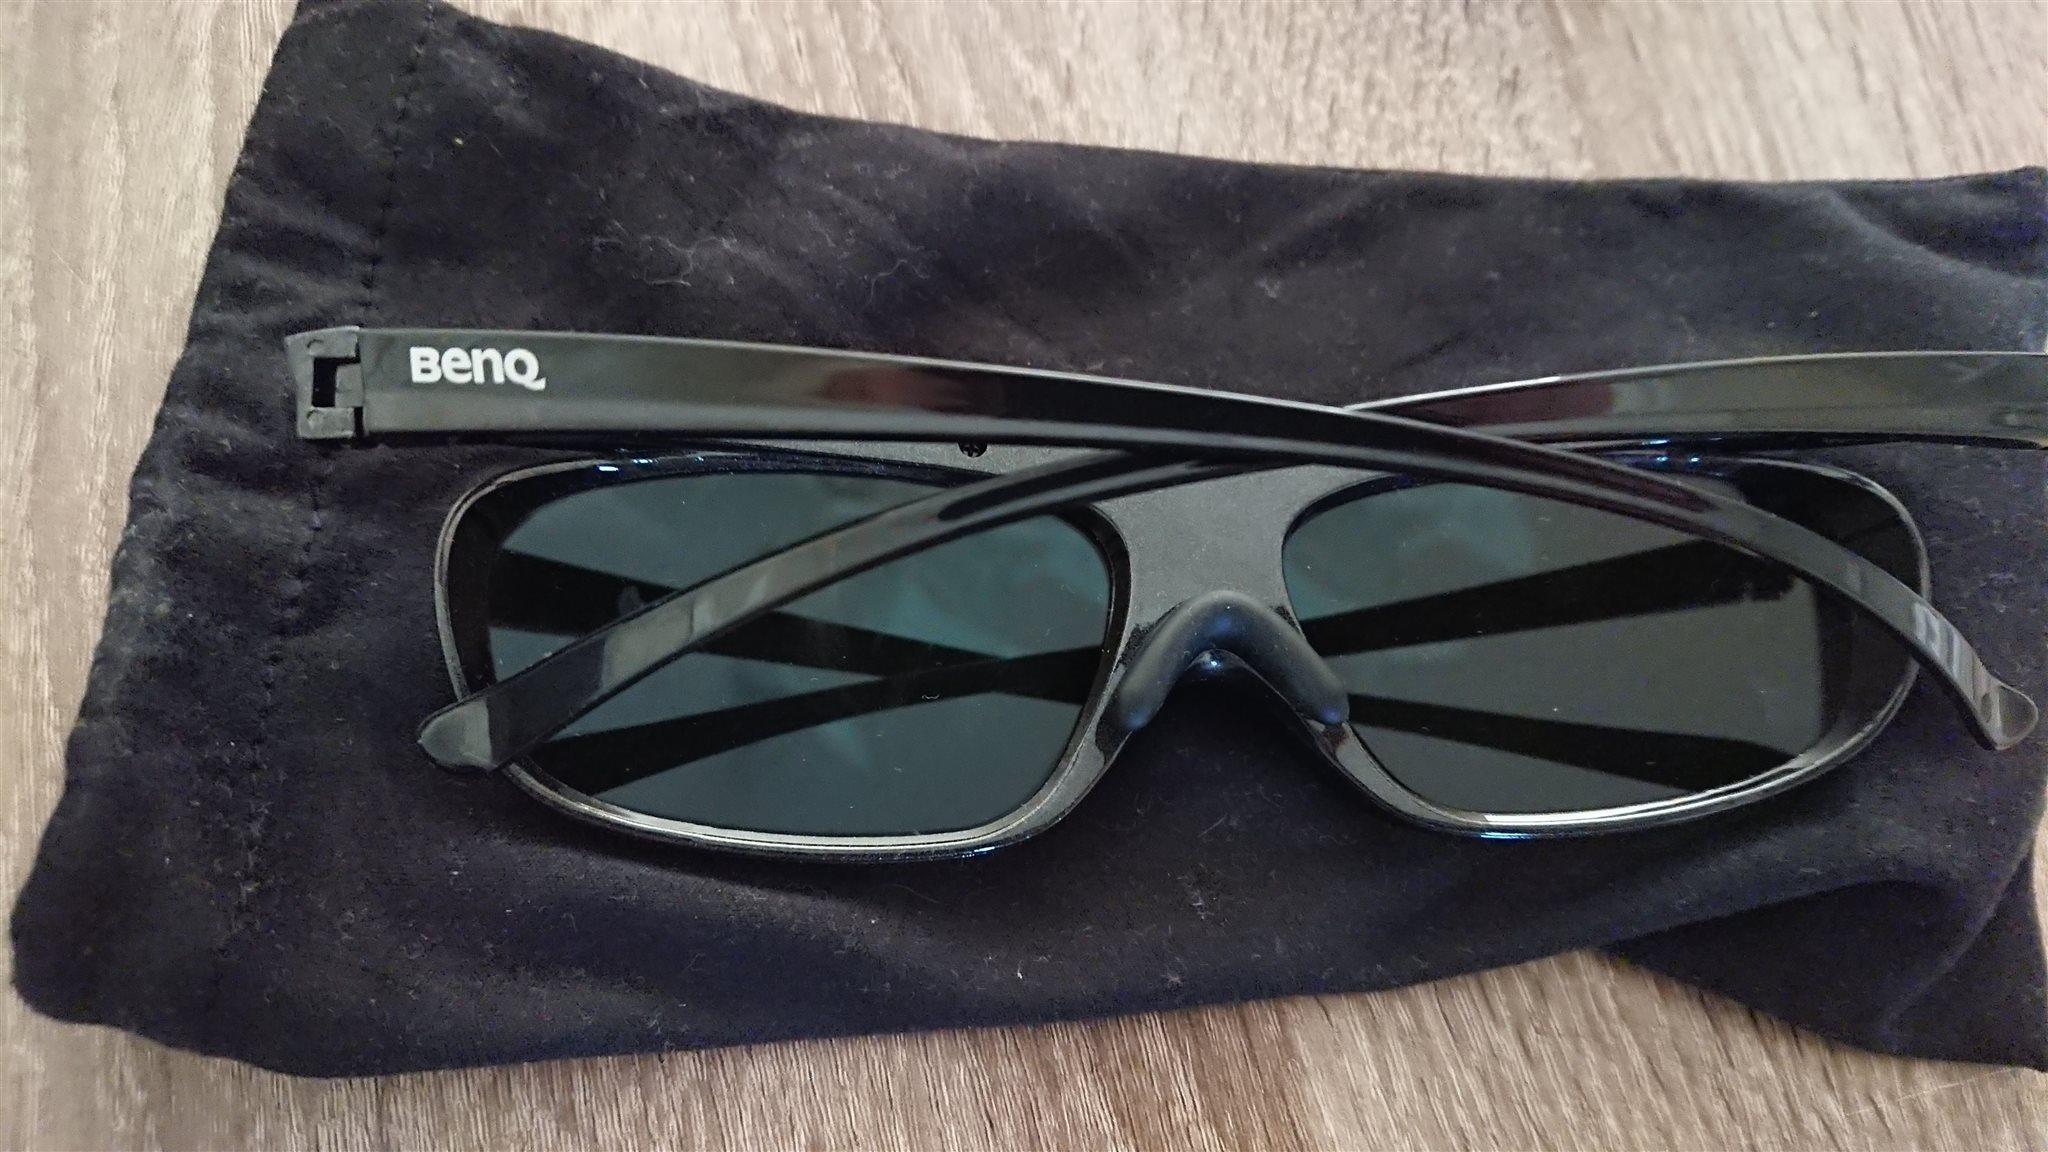 3d glasögon Benq (322553706) ᐈ Köp på Tradera fbef049b061e5